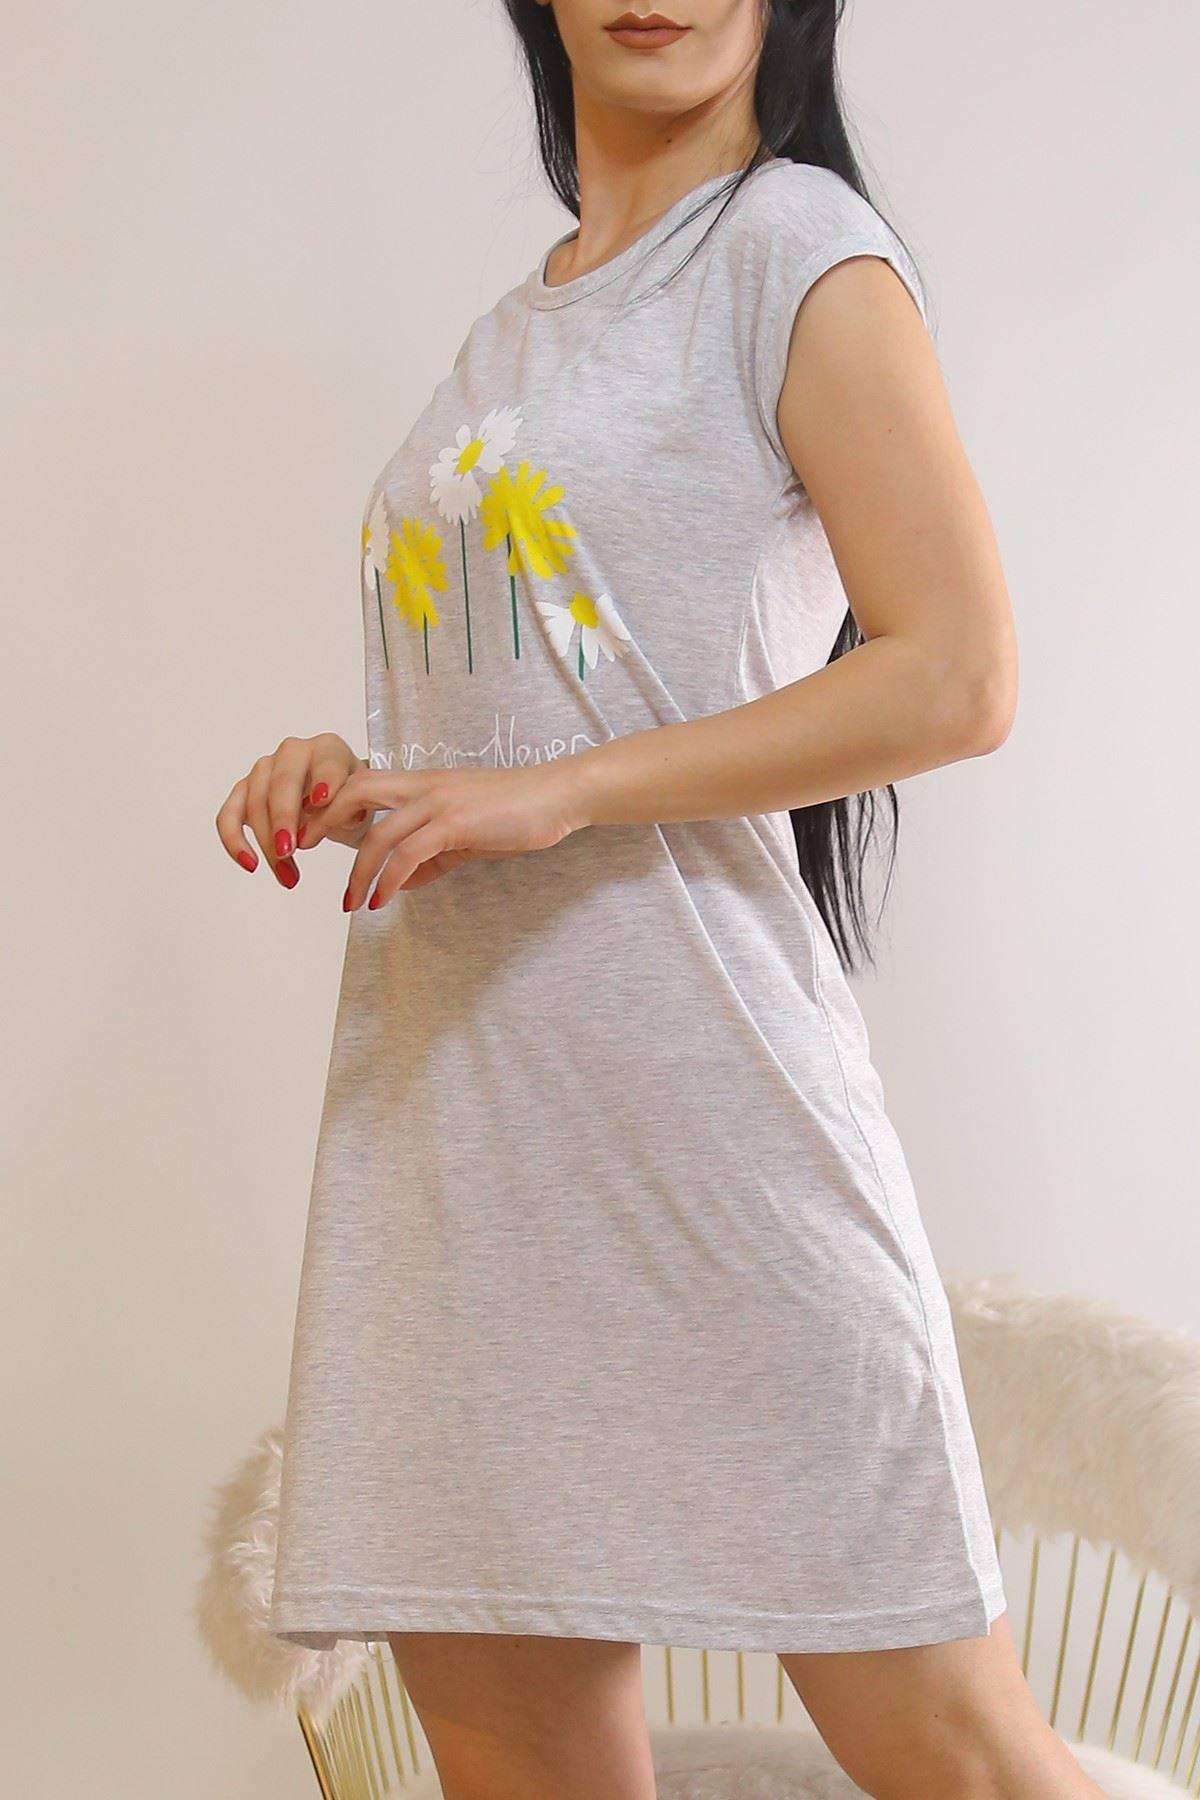 Japone Kol Elbise Gri11 - 5504.1287.